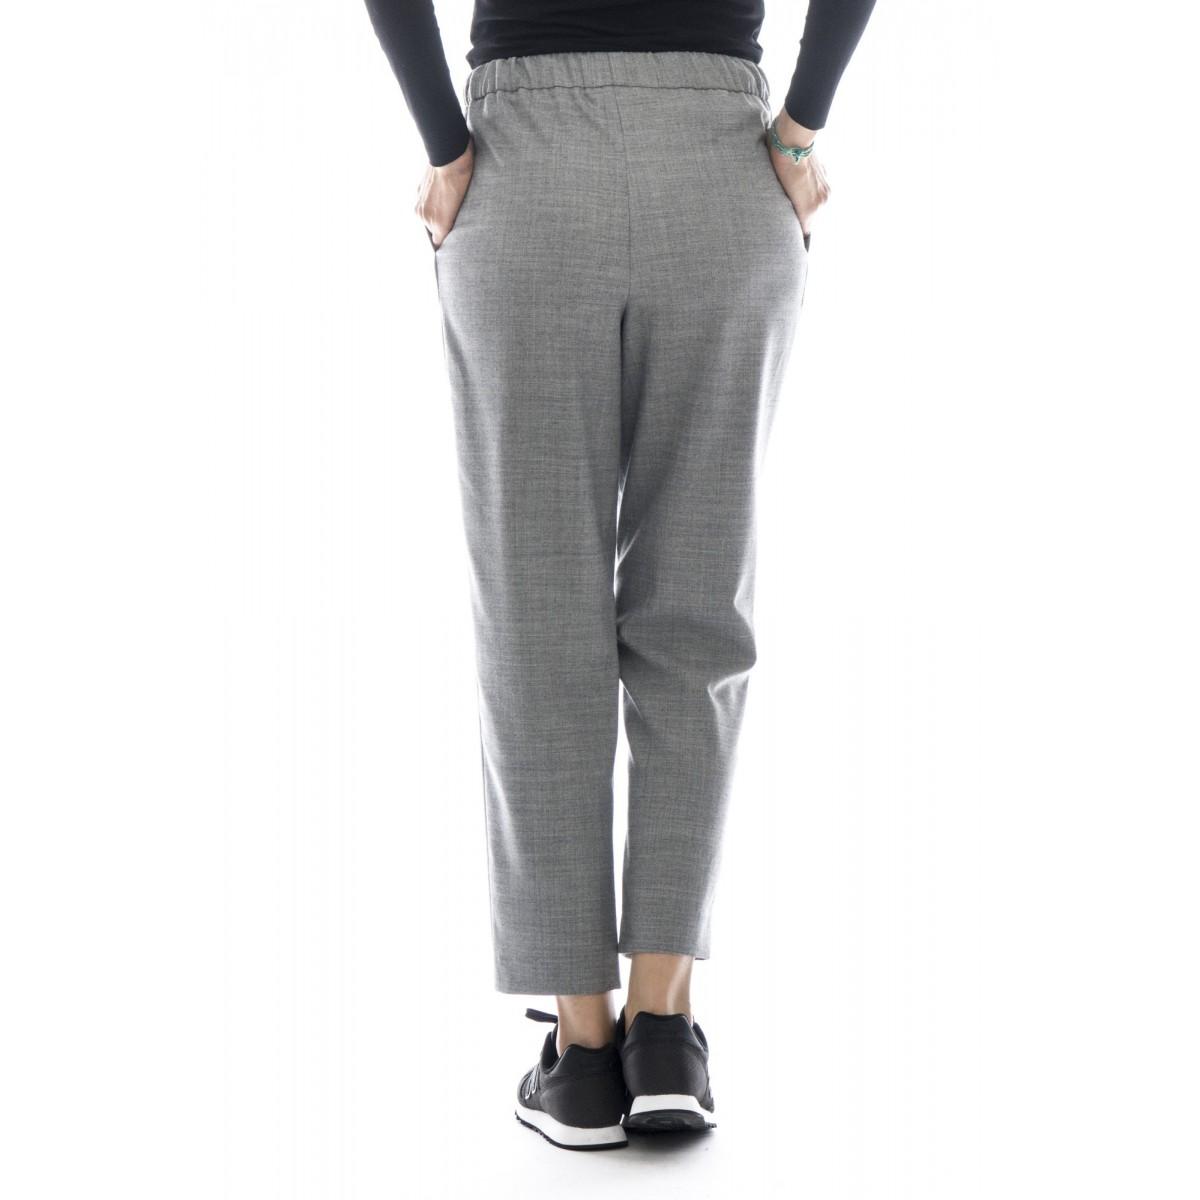 Pantalone donna - P2723 pantalone largo flanella